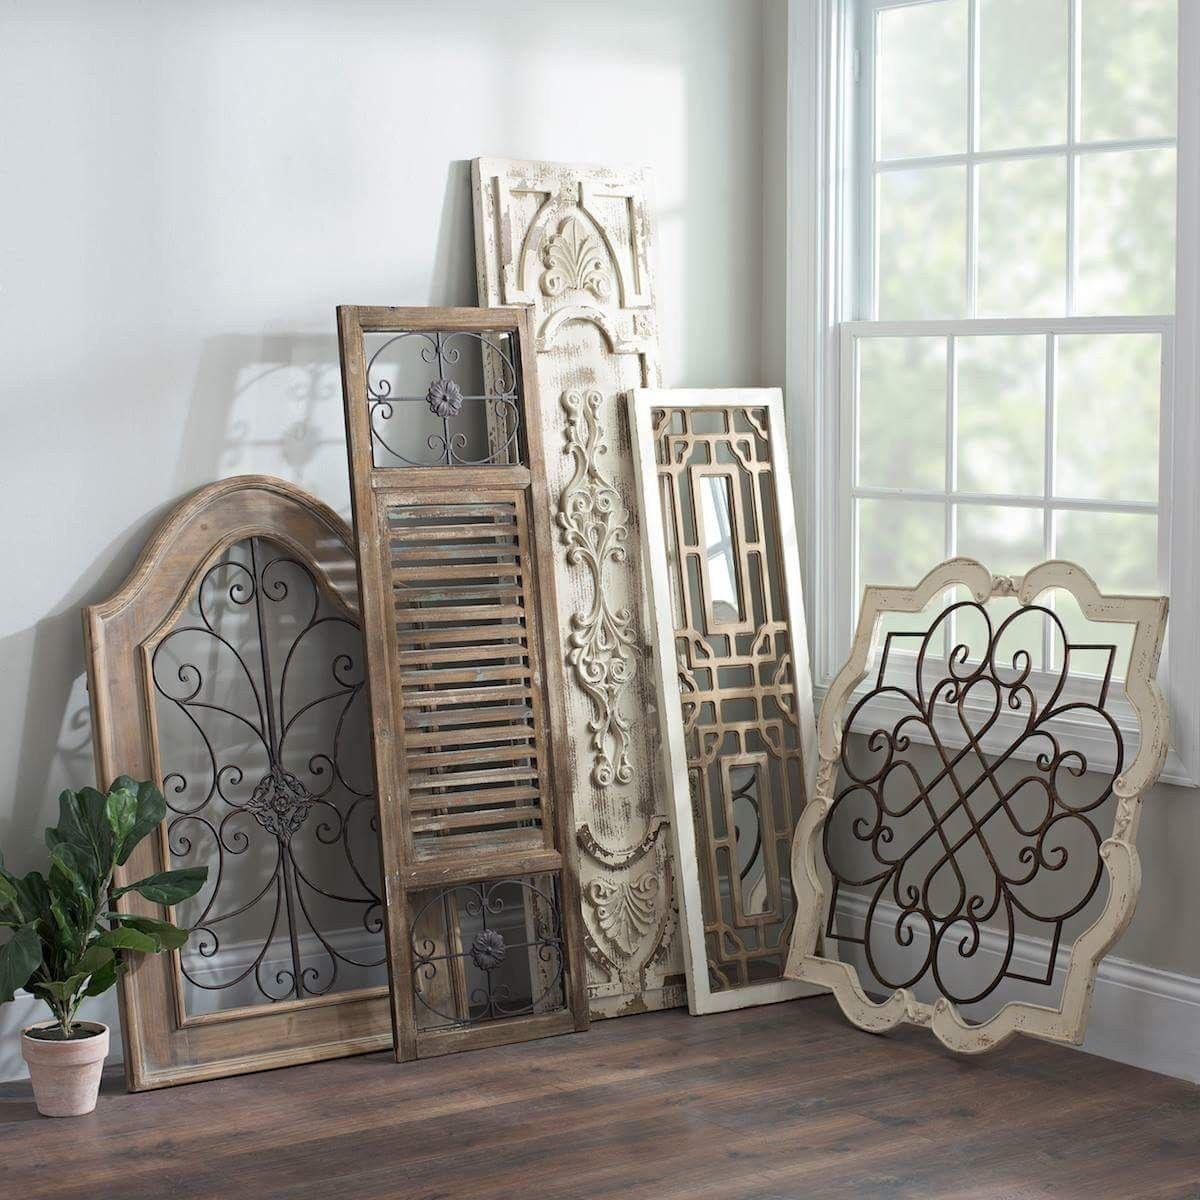 Idea by Amy Arnold Kowell on Home | Kirkland home decor, Decor on Kirkland's Decor Home Accents id=49992